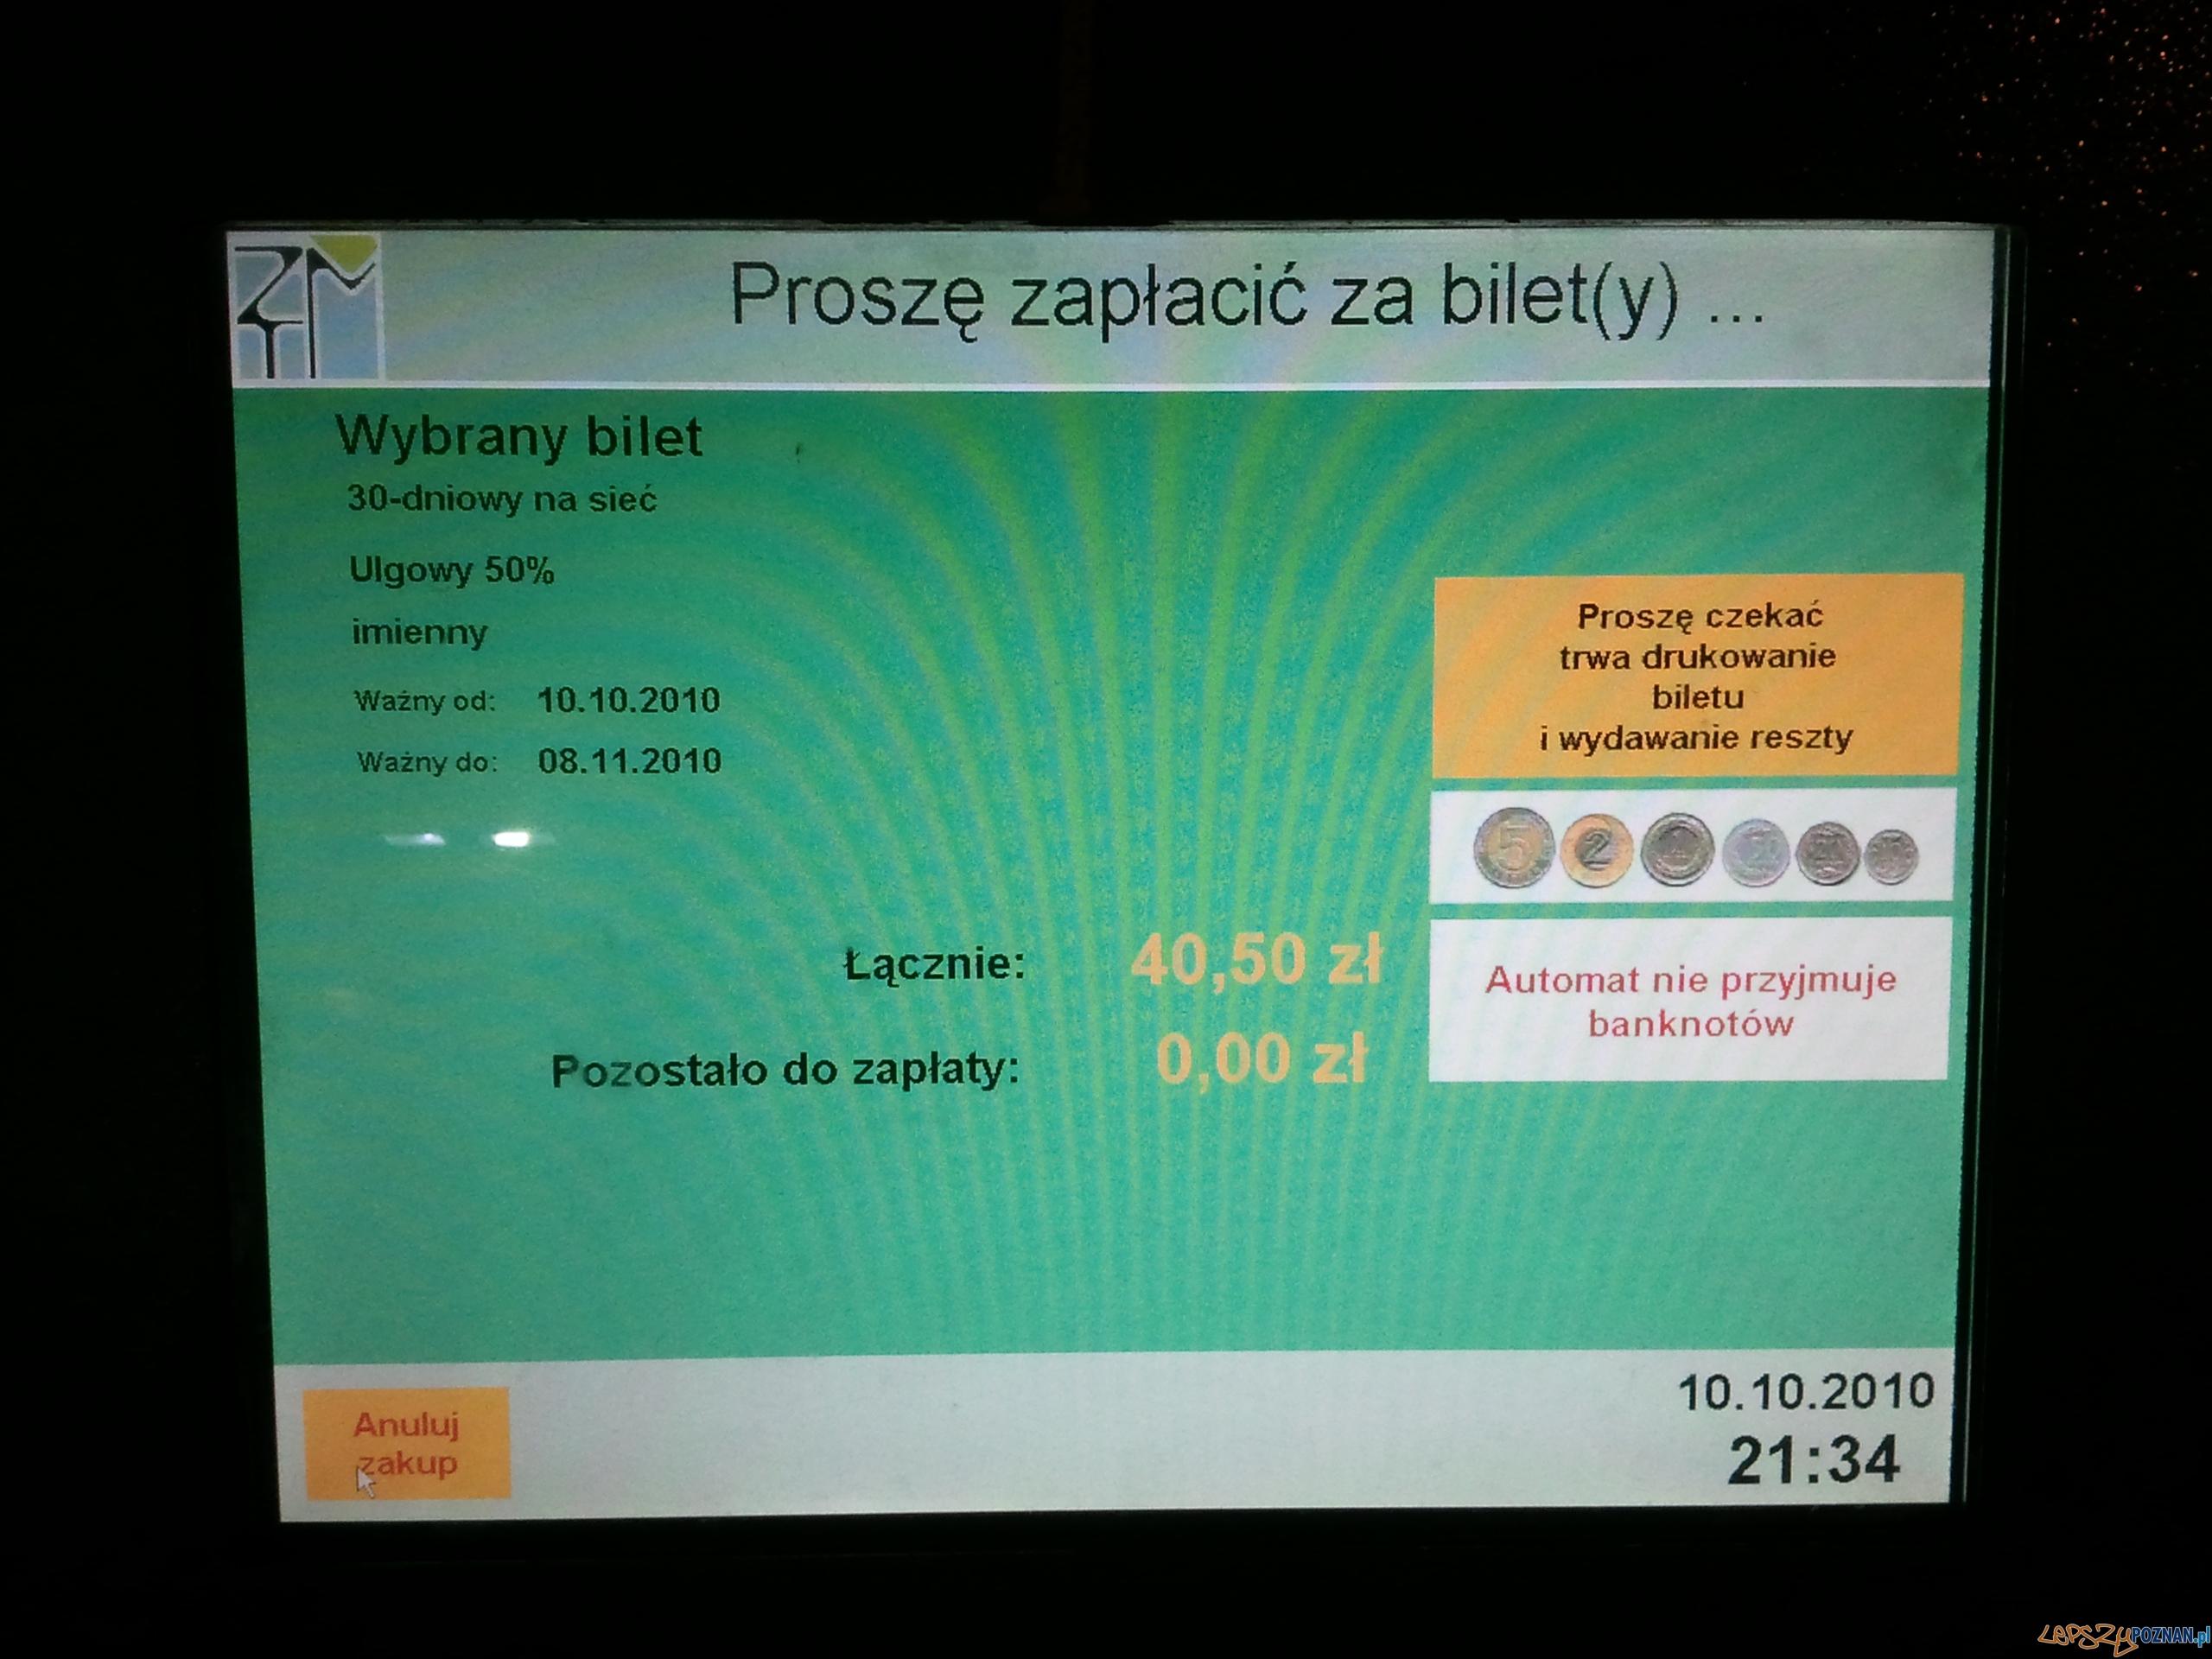 Uszkodzony biltomat  Foto: lepszyPOZNAN.pl / gsm